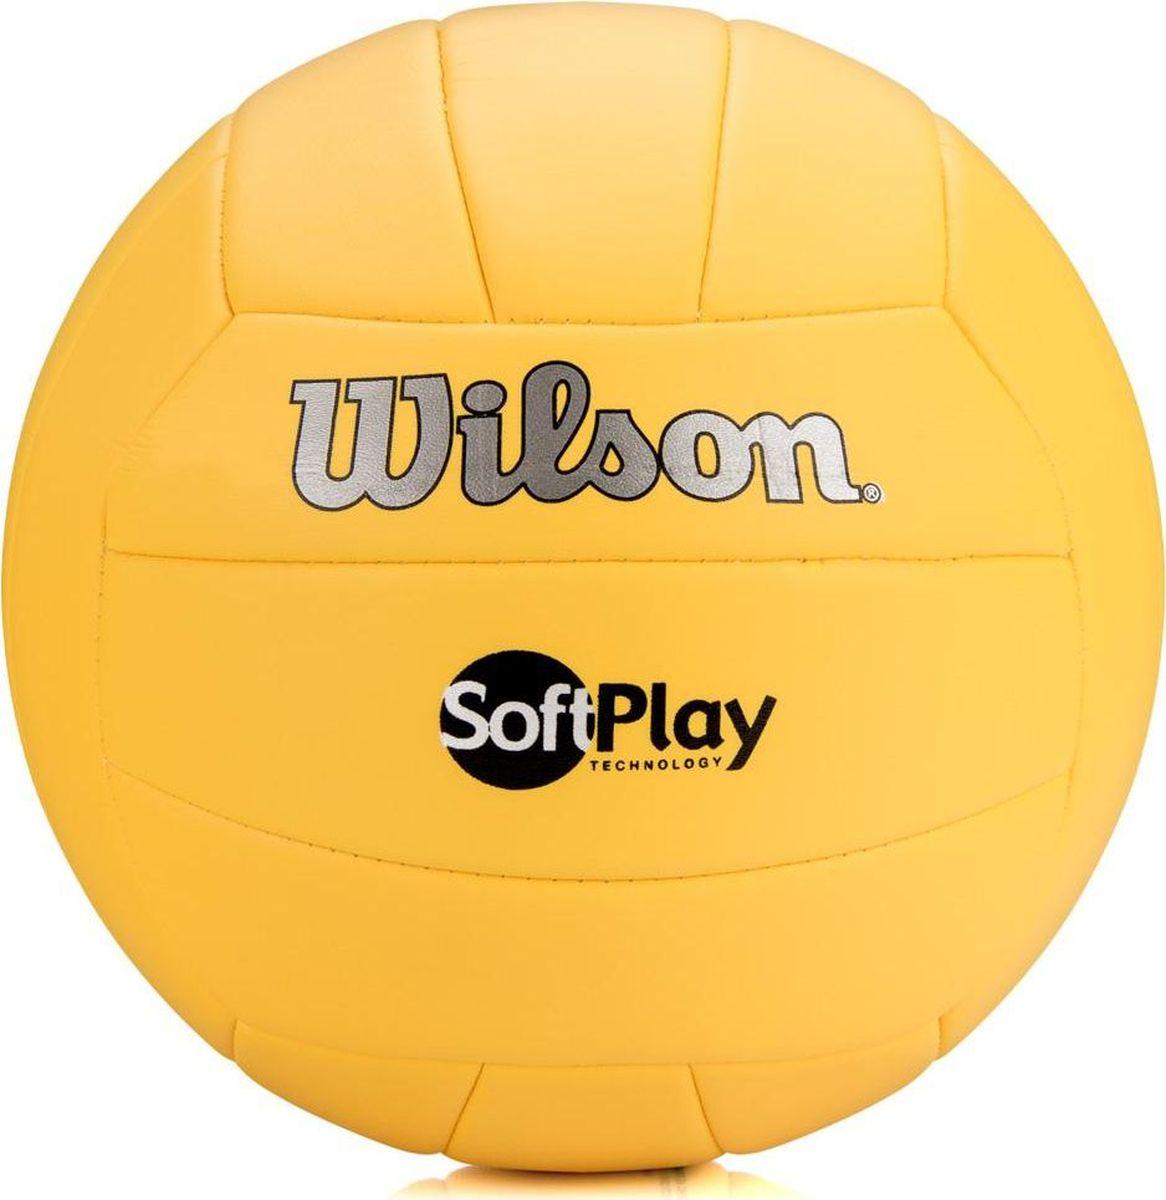 Мяч волейбольный Wilson Soft Play, цвет: желтый, диаметр 20 смWTH3501XYELВолейбольный мяч Wilson Soft Play предназначен для комфортных тренировок и игр команд любого уровня. Покрышка мяча выполнена из высокотехнологичного композитного материала на основе микрофибры, с применением технологии Soft Touch, которая напоминает натуральную кожу и обеспечивает правильный отскок.Мяч состоит из 18 панелей и бутиловой камеры, также армирован подкладочным слоем, выполненным из ткани.Мяч отлично подойдет для тренировок и соревнований команд высокого уровня.УВАЖАЕМЫЕ КЛИЕНТЫ!Обращаем ваше внимание на тот факт, что мяч поставляется в сдутом виде. Насос в комплект не входит.